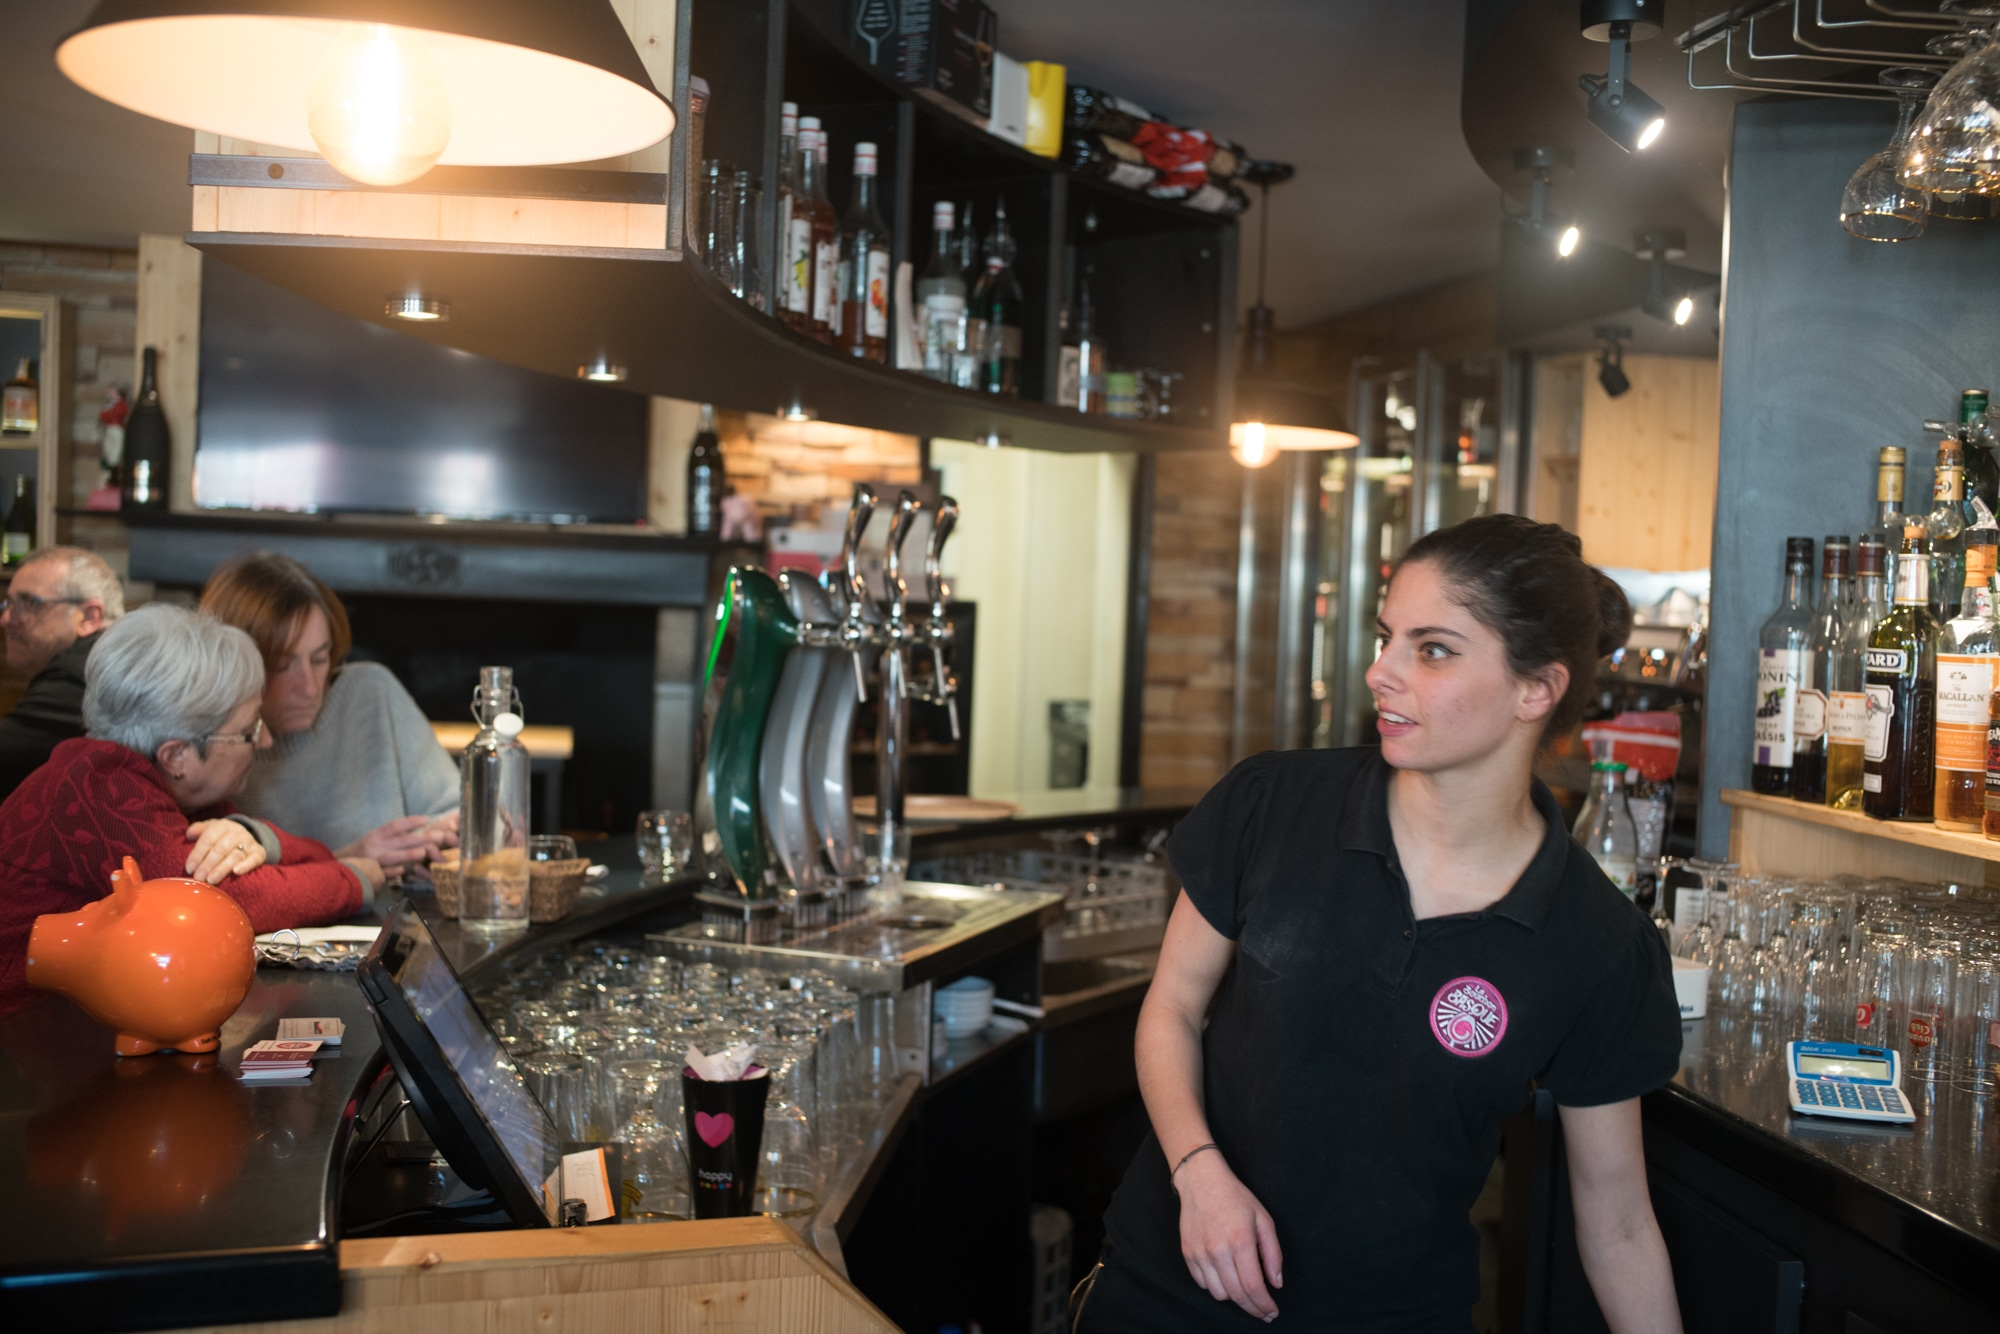 Océane, derrière le bar, regarde attentivement la salle.